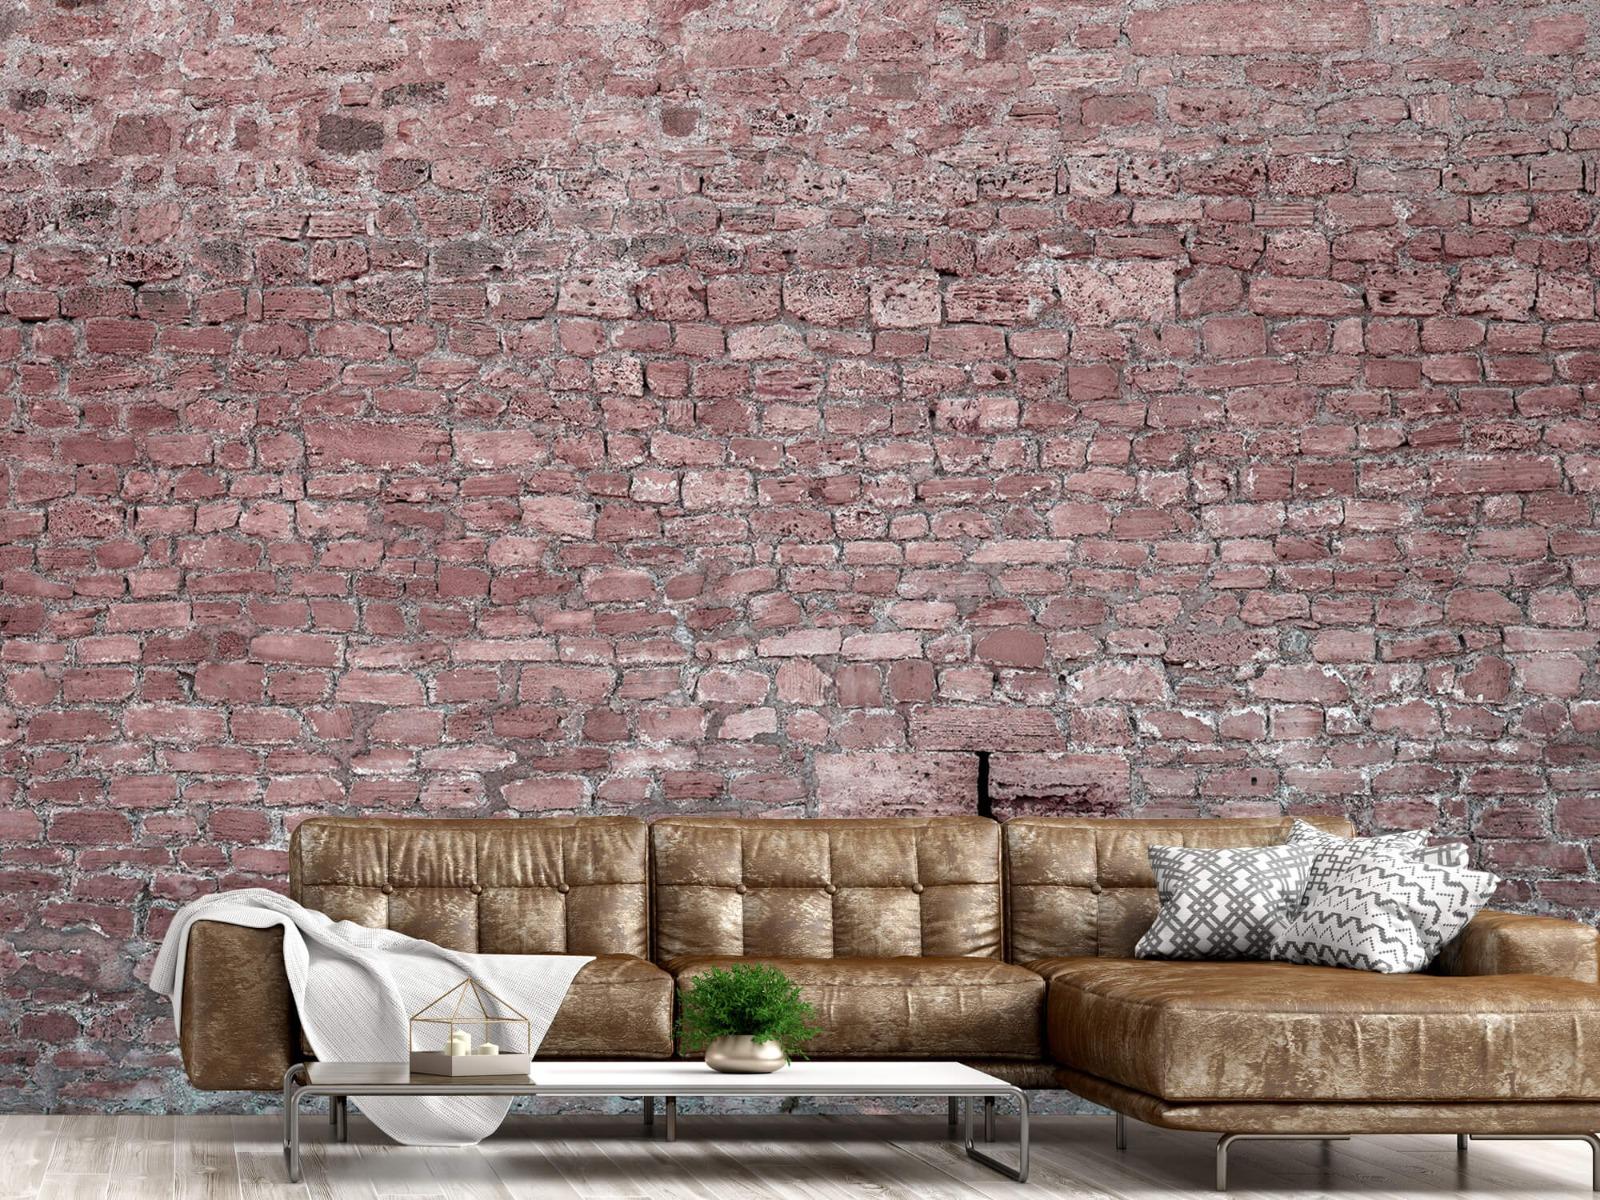 Steen behang - Muur van oude stenen - Tienerkamer 14